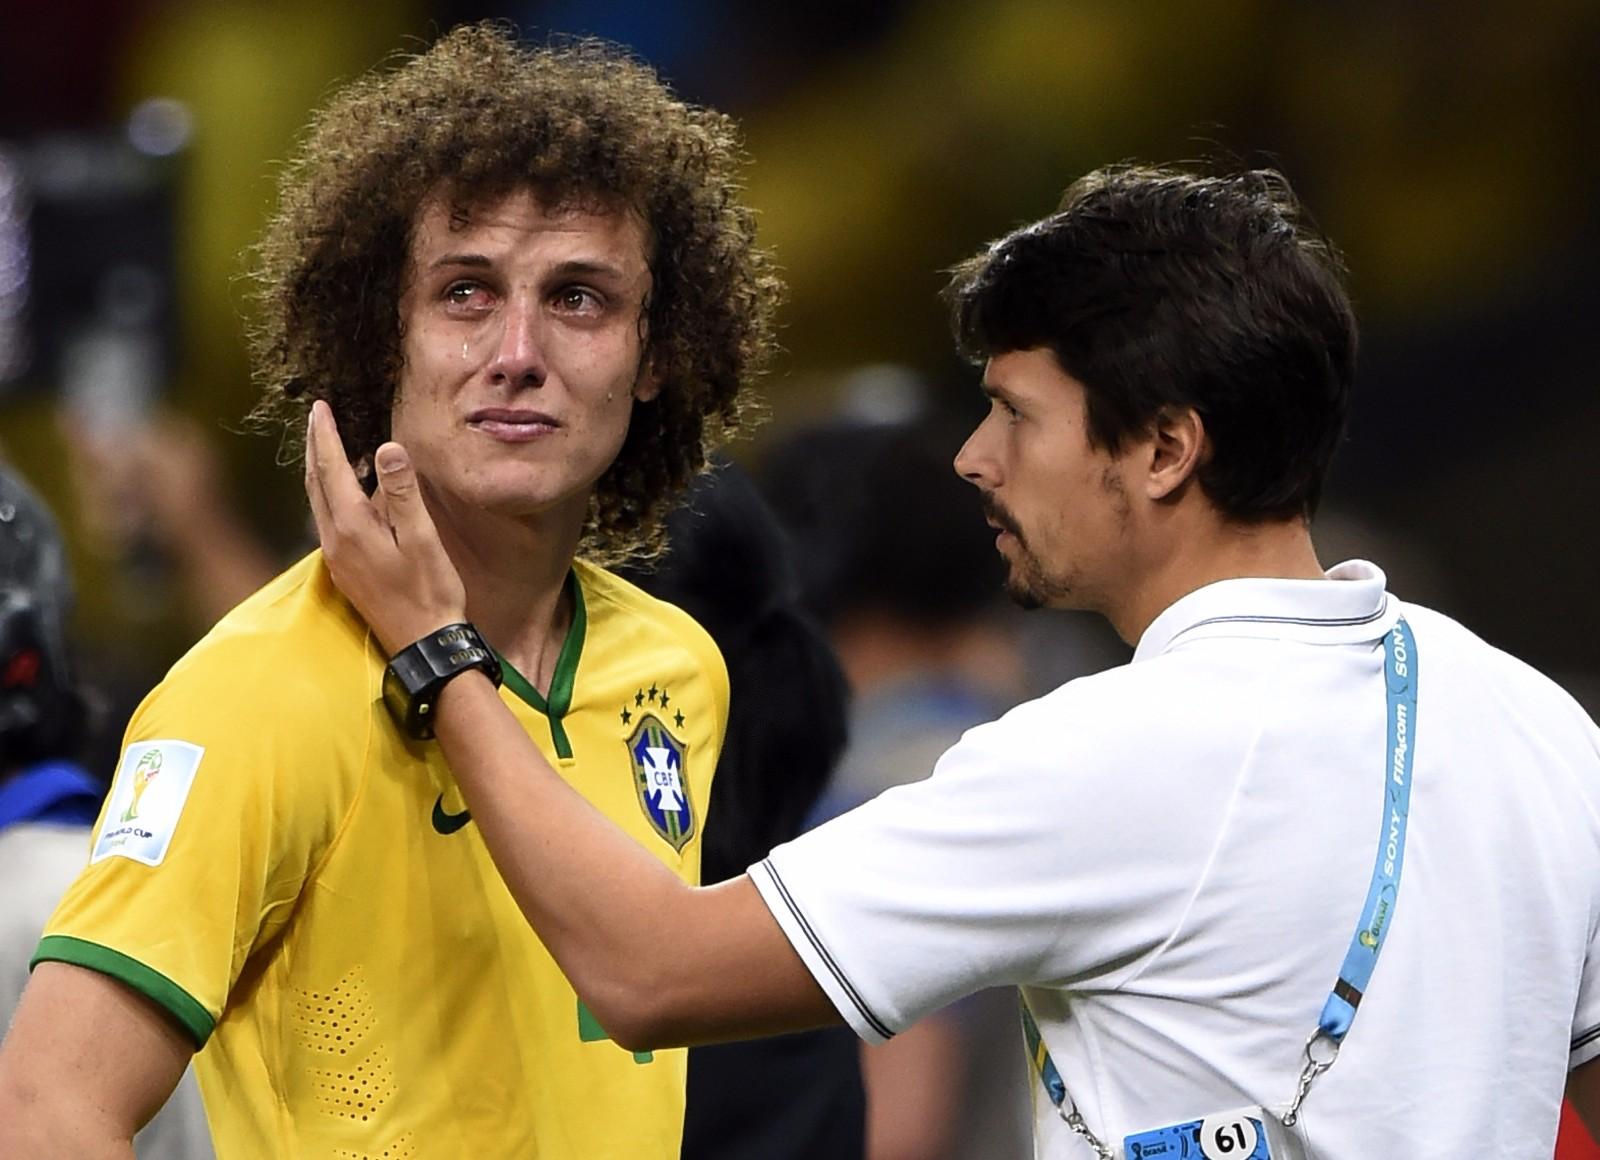 """2014巴西世界杯半决赛,巴西队以1比7不敌德国队,无缘决赛。巨大的分差让球迷们无法接受,""""米内罗惨案""""让世界杯成为巴西的""""世界悲""""。比赛结束后,巴西队队长大卫·路易斯(左)泪流满面(2014年7月8日摄)。"""